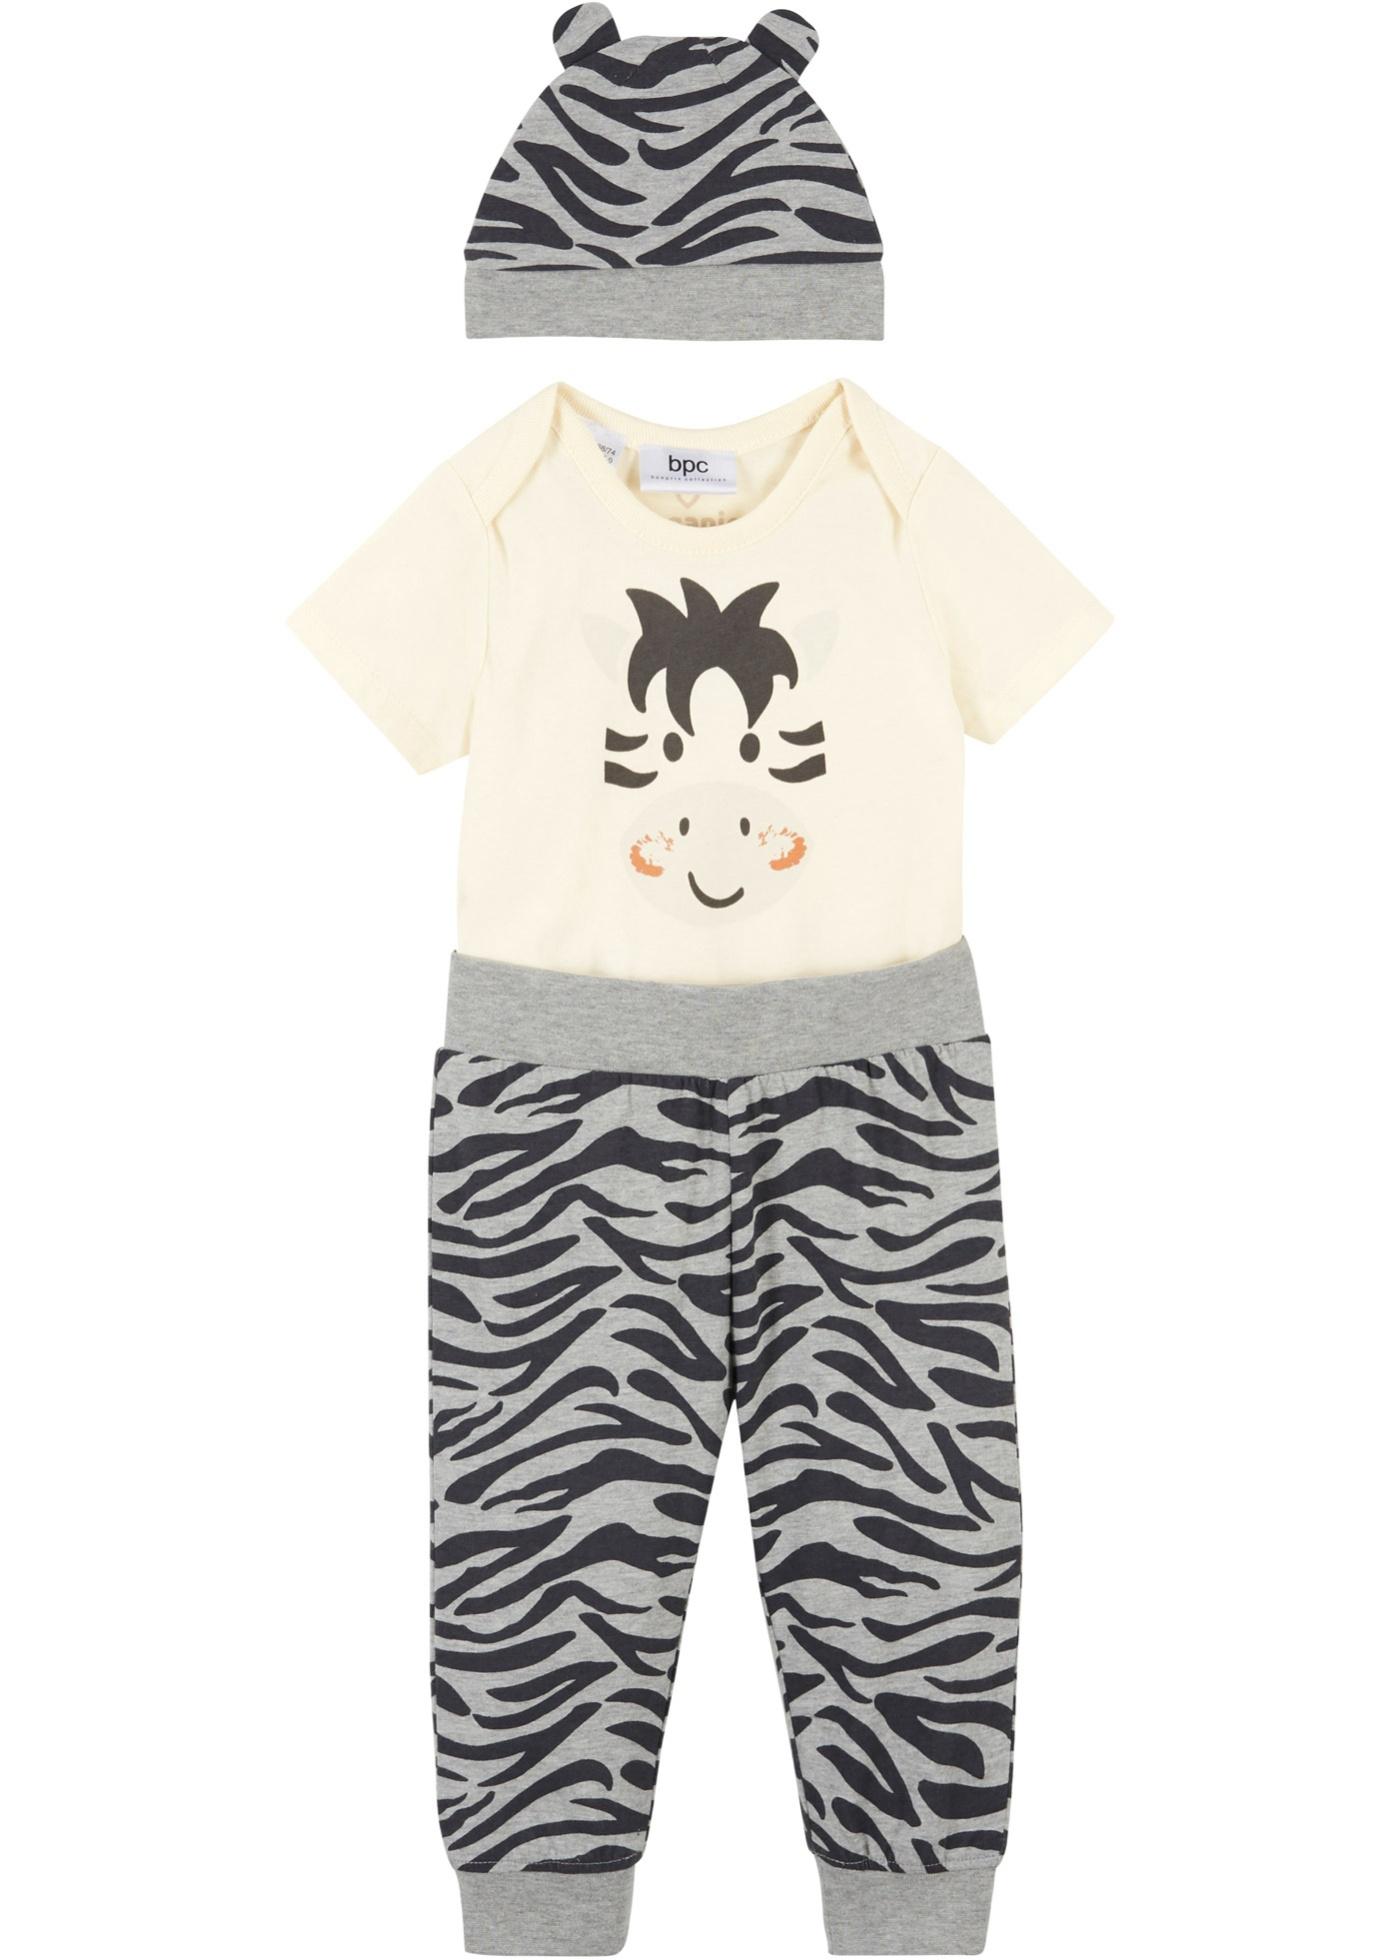 Body bébé manches courtes + pantalon + bonnet (Ens. 3 pces.) coton bio